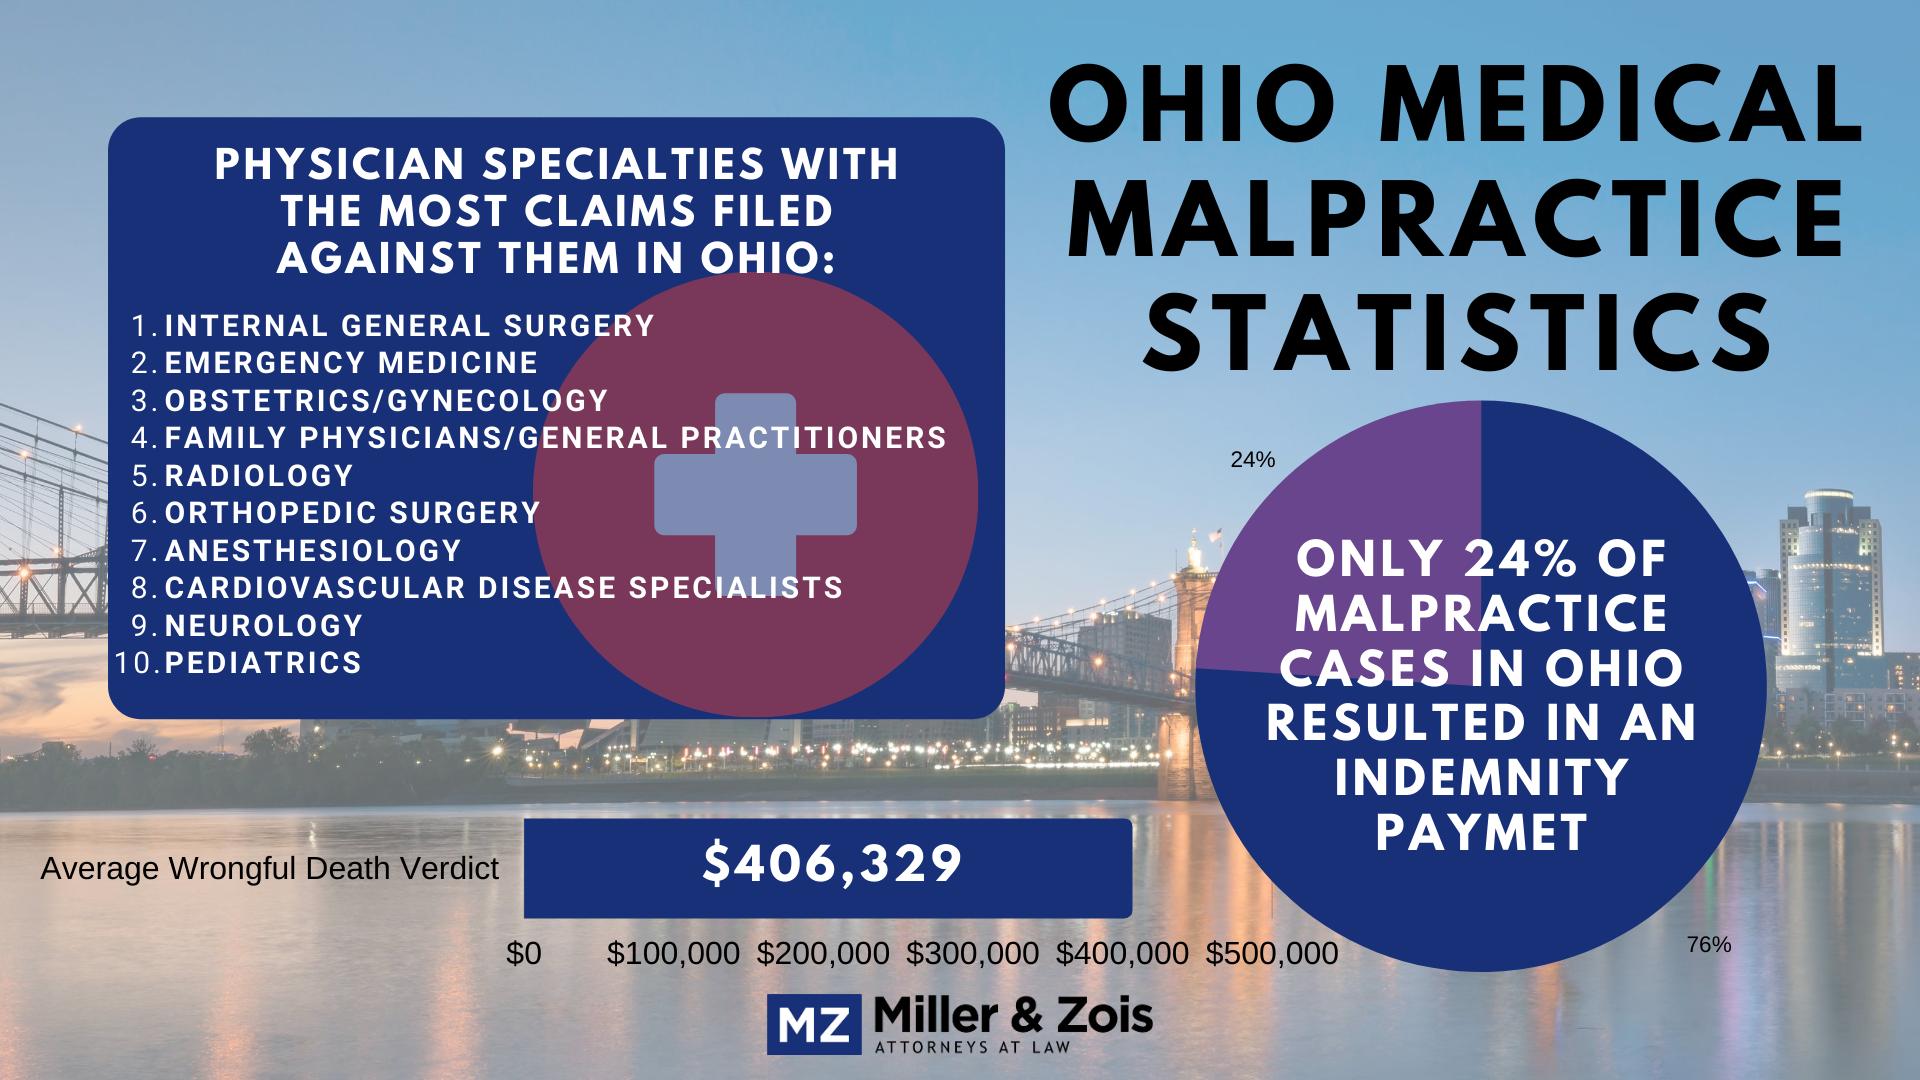 Ohio medical malpractice